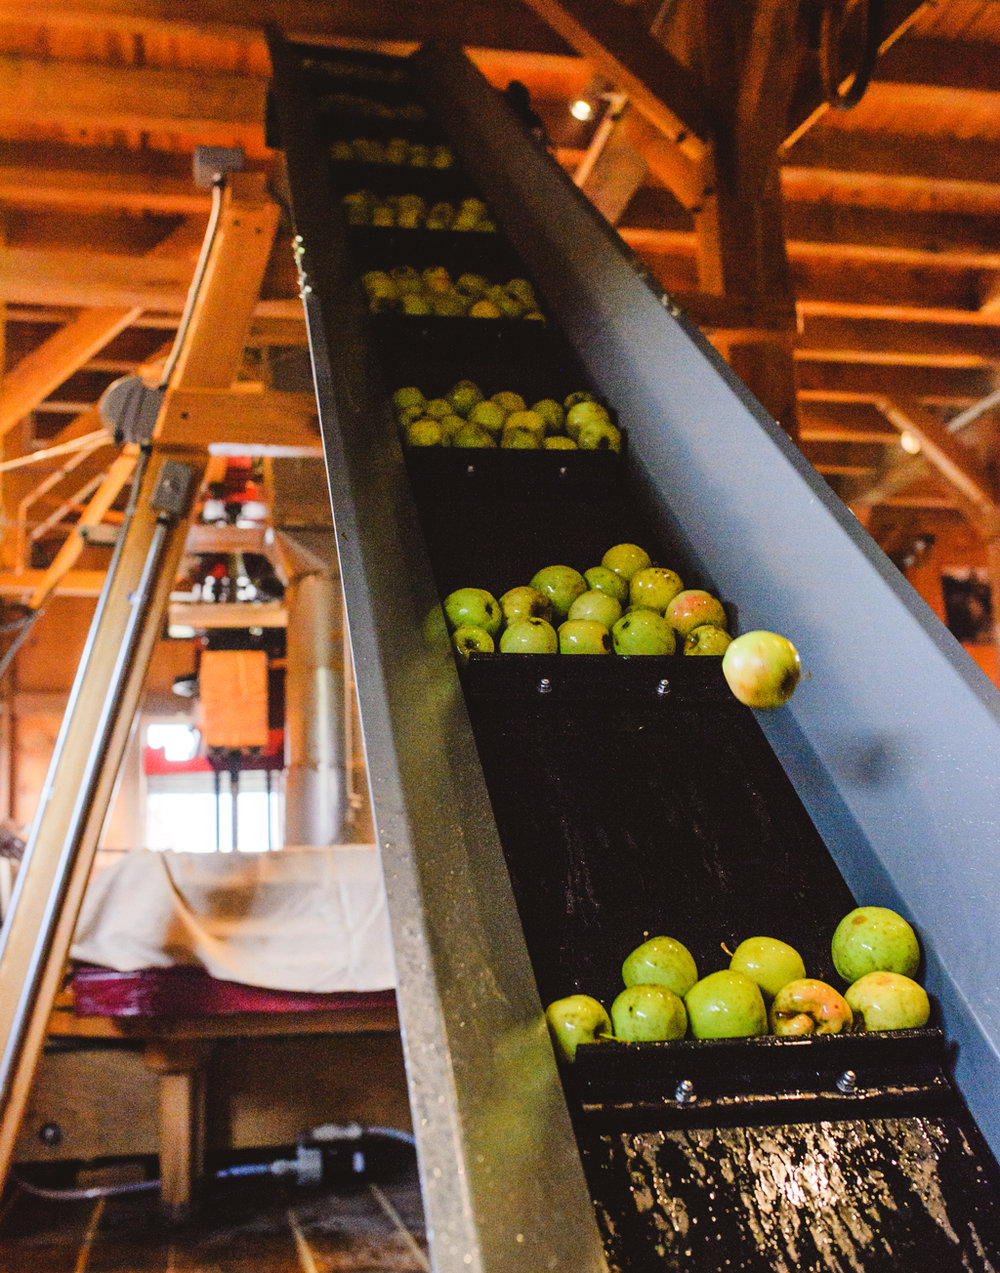 apples-on-elevator.jpg